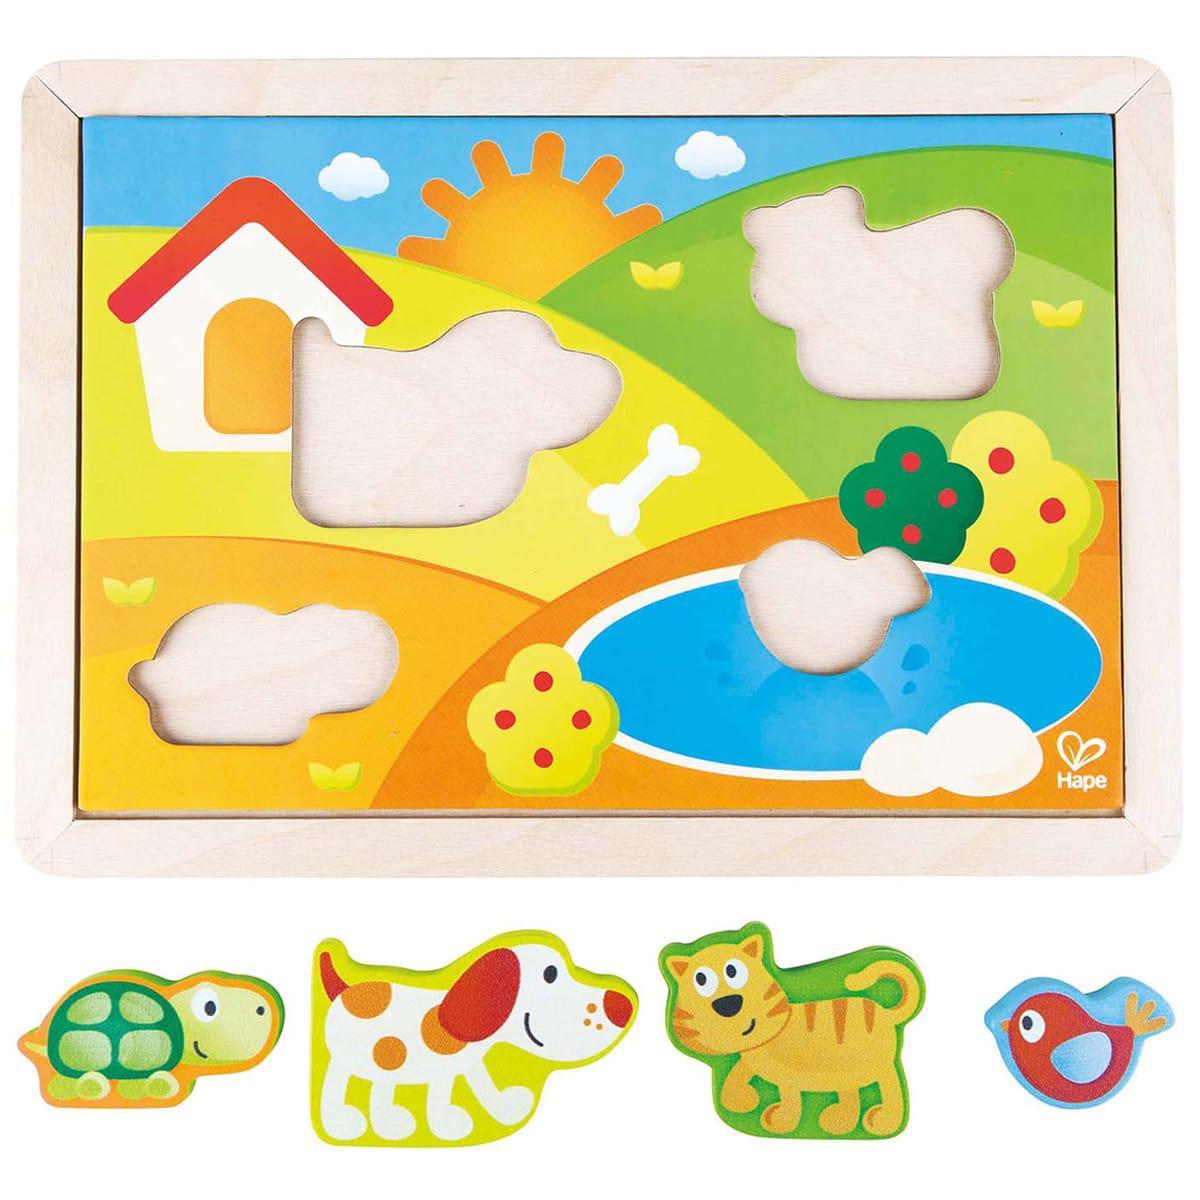 Hape - Puzzle enfant 3en1 hape